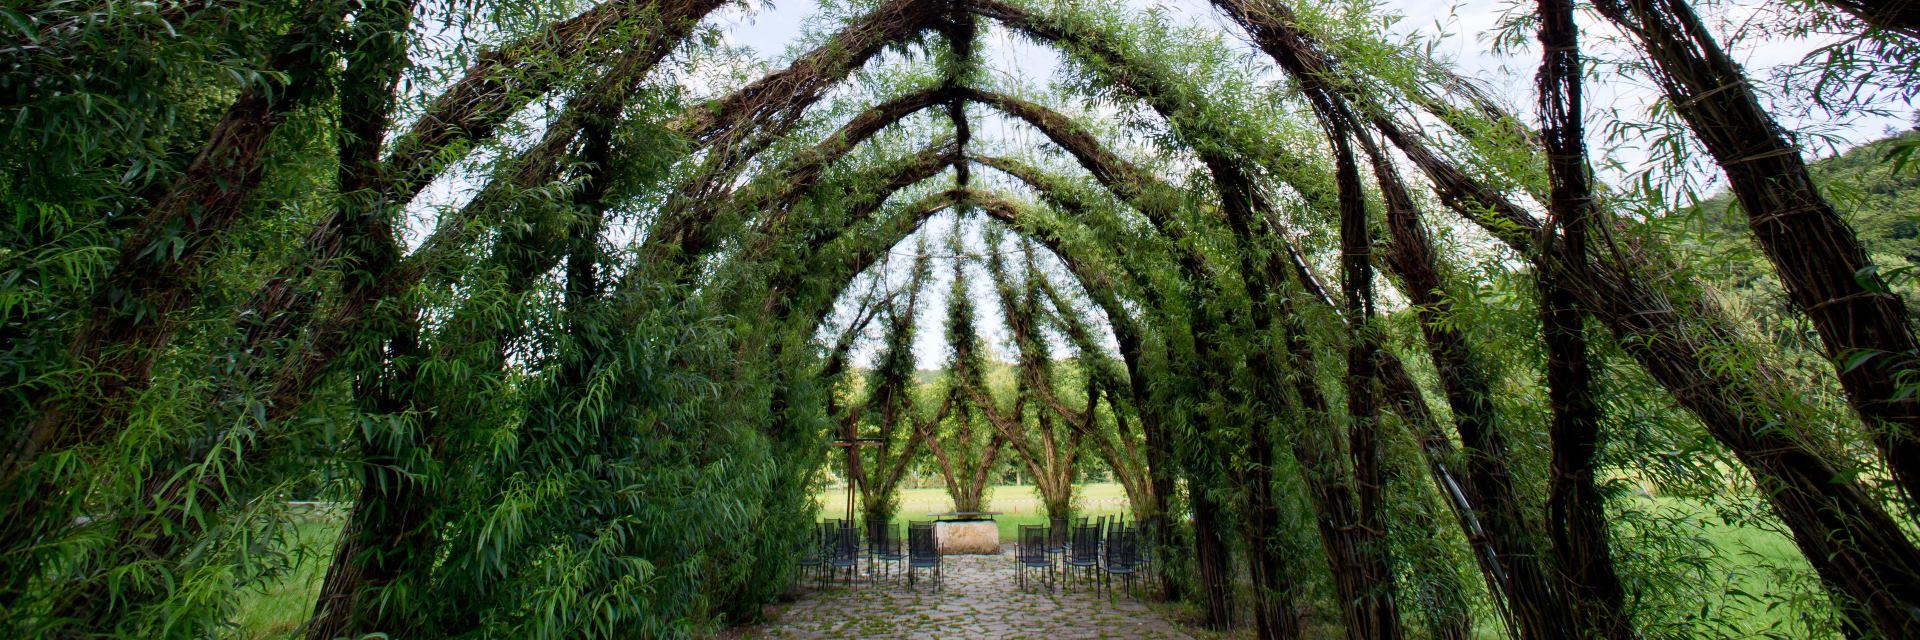 ZANIMLJIVO Crkva napravljena od sadnica vrbe